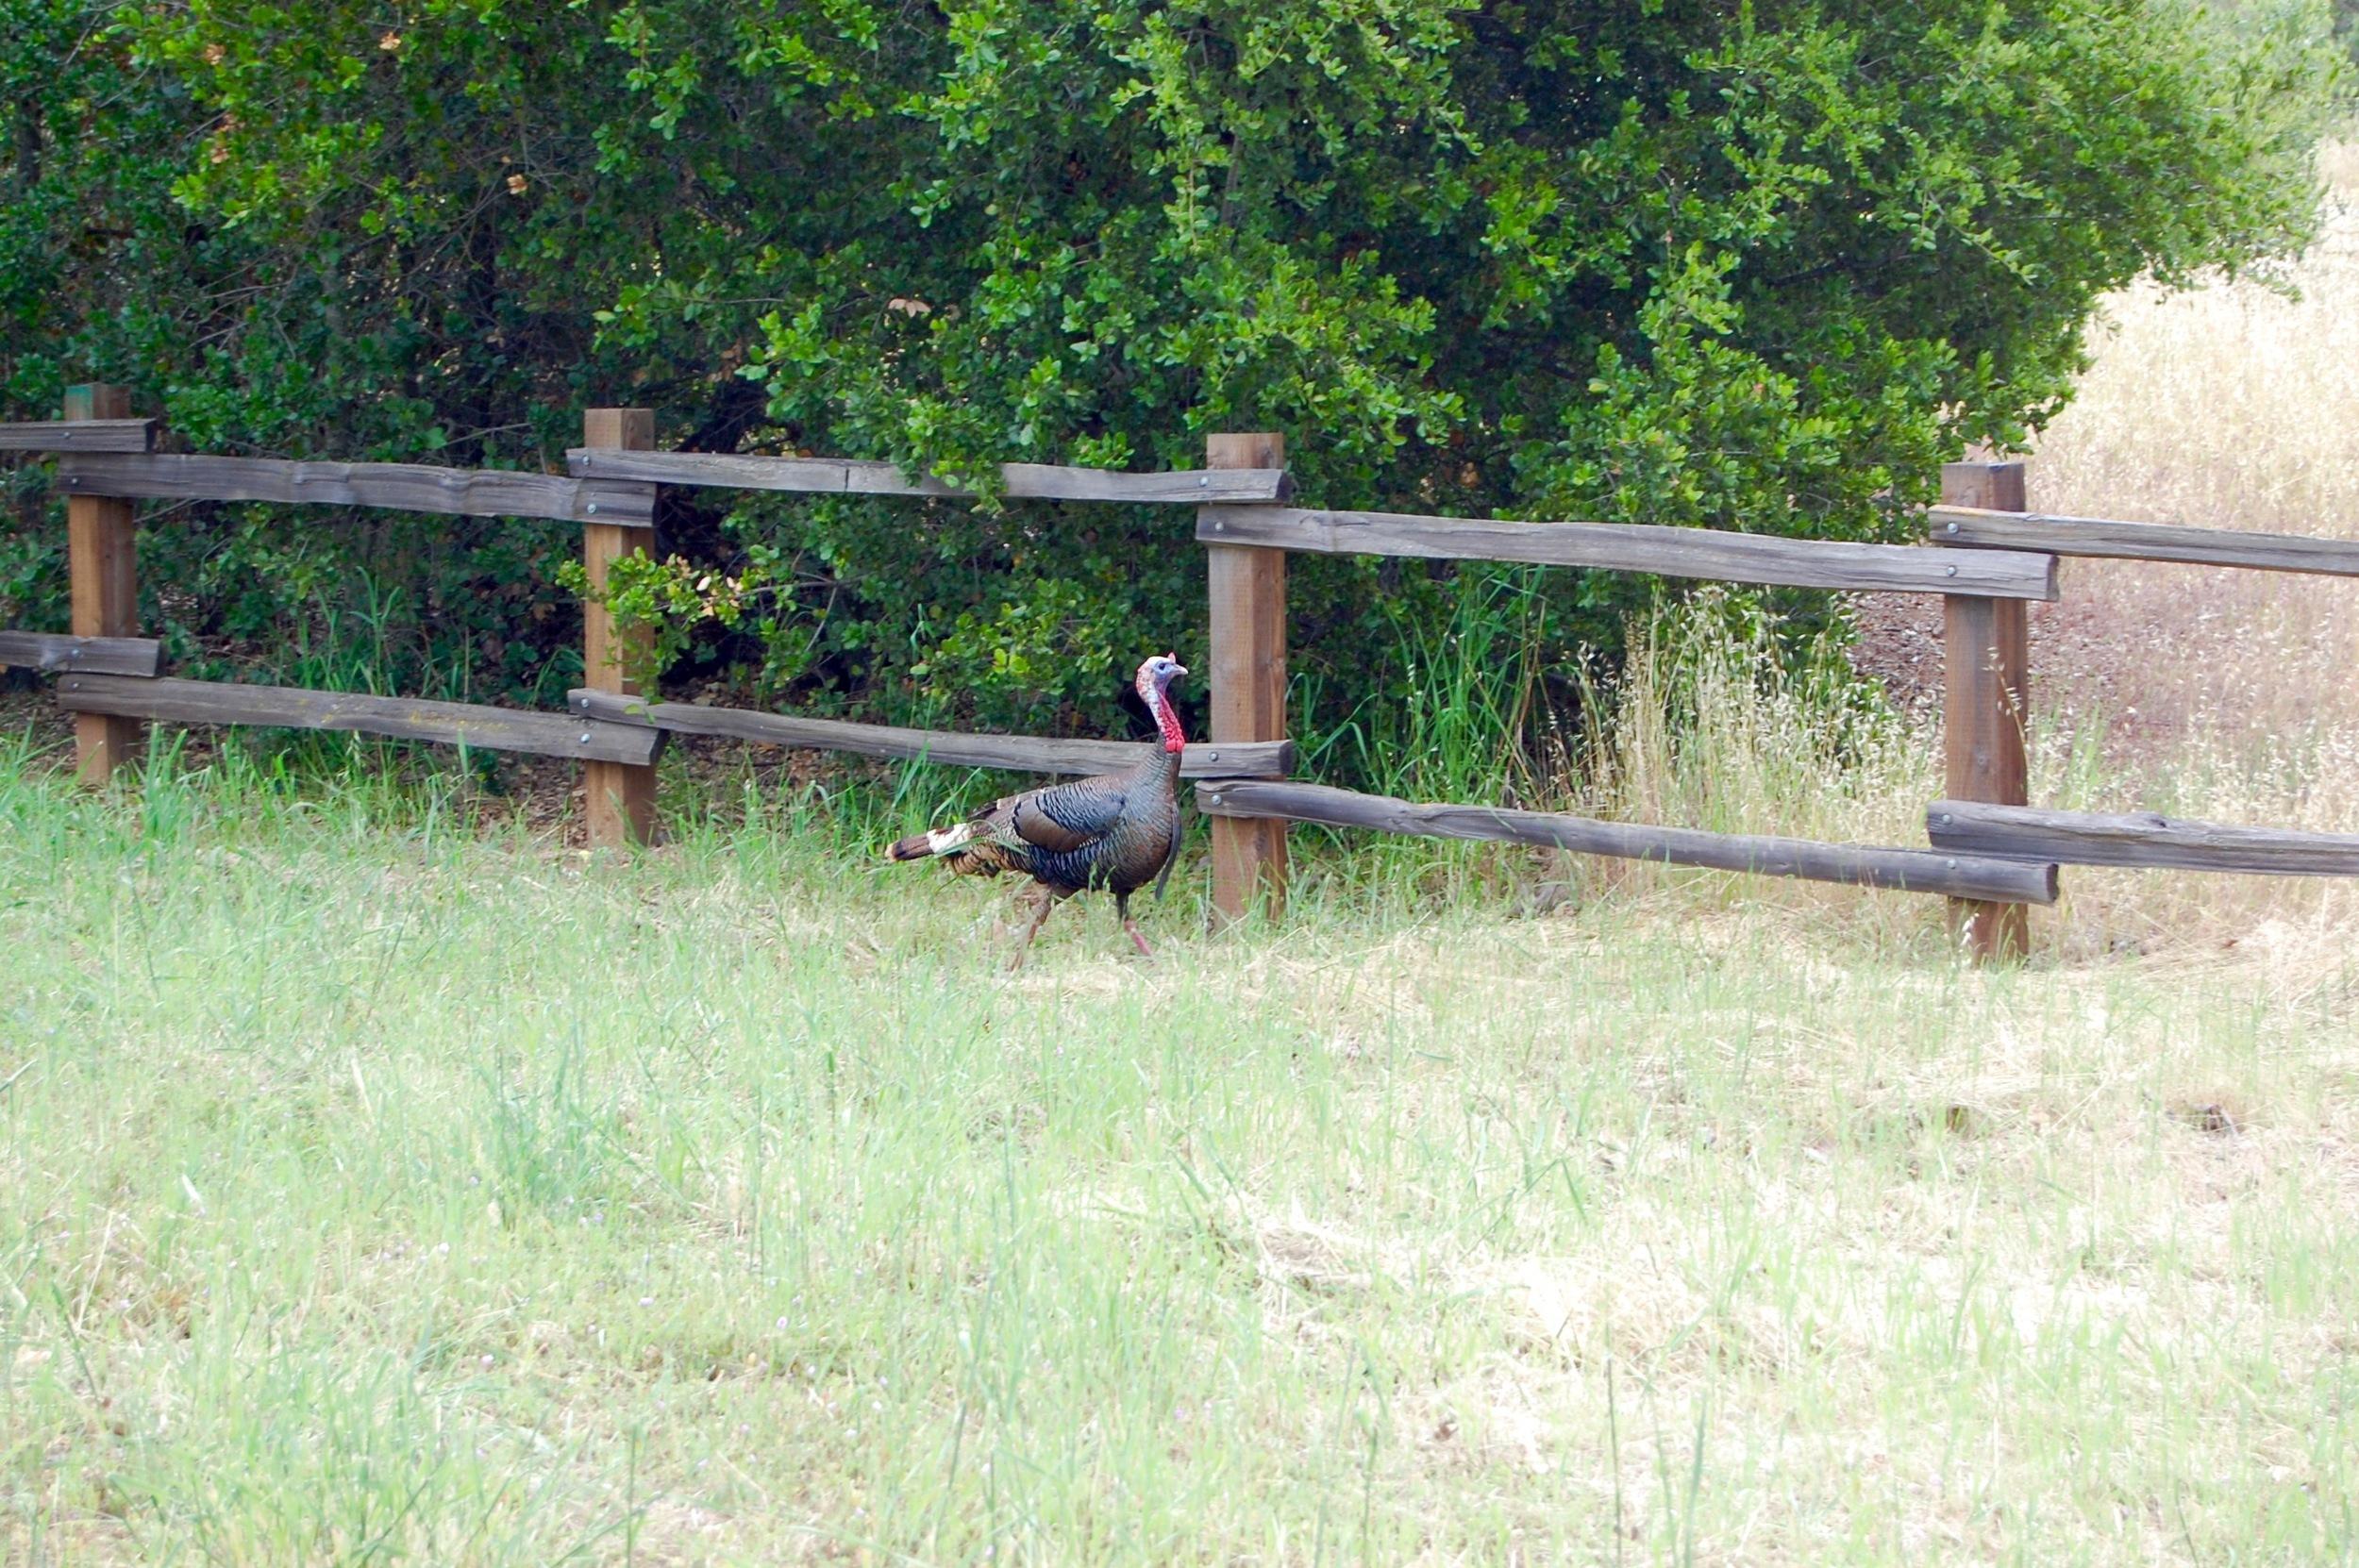 Wild Turkey at Rancho San Antonio Preserve, Los Altos.